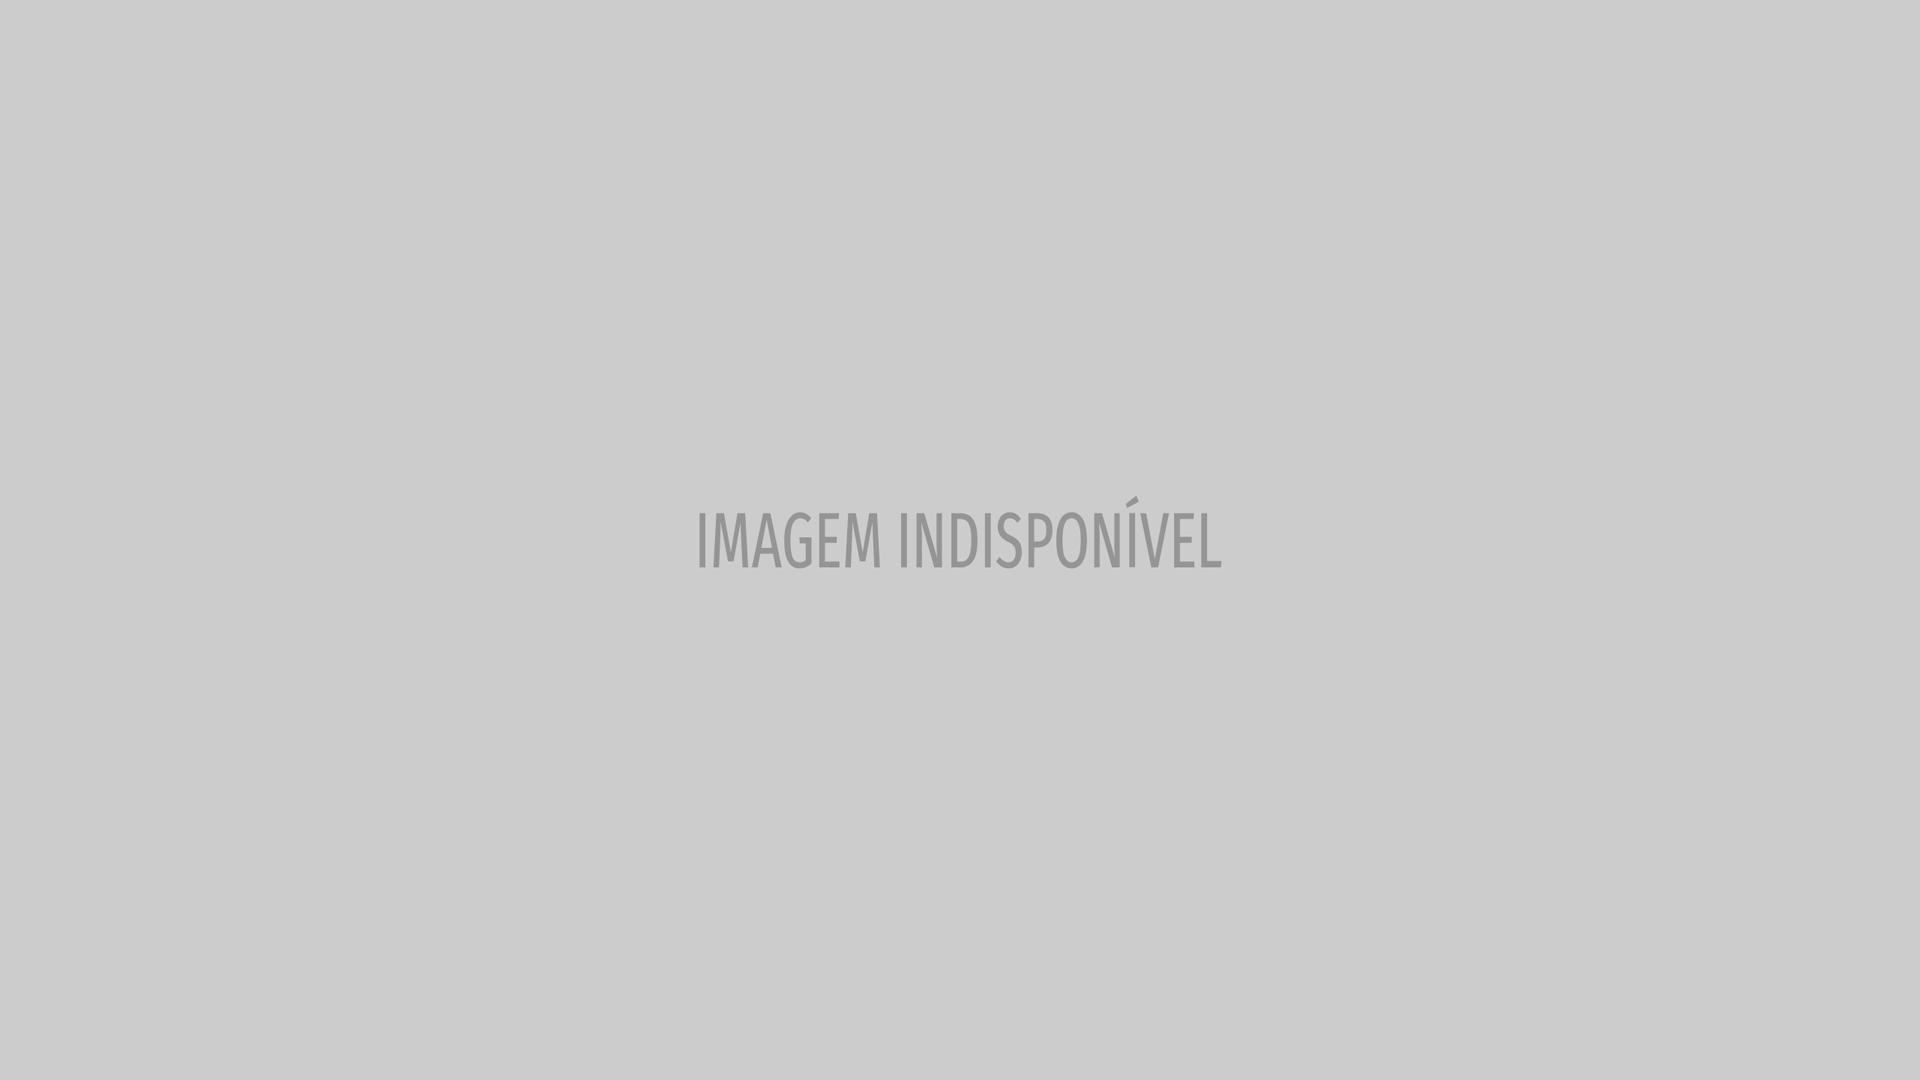 Caravana de Lula no sul do Brasil começa com protesto de ruralistas